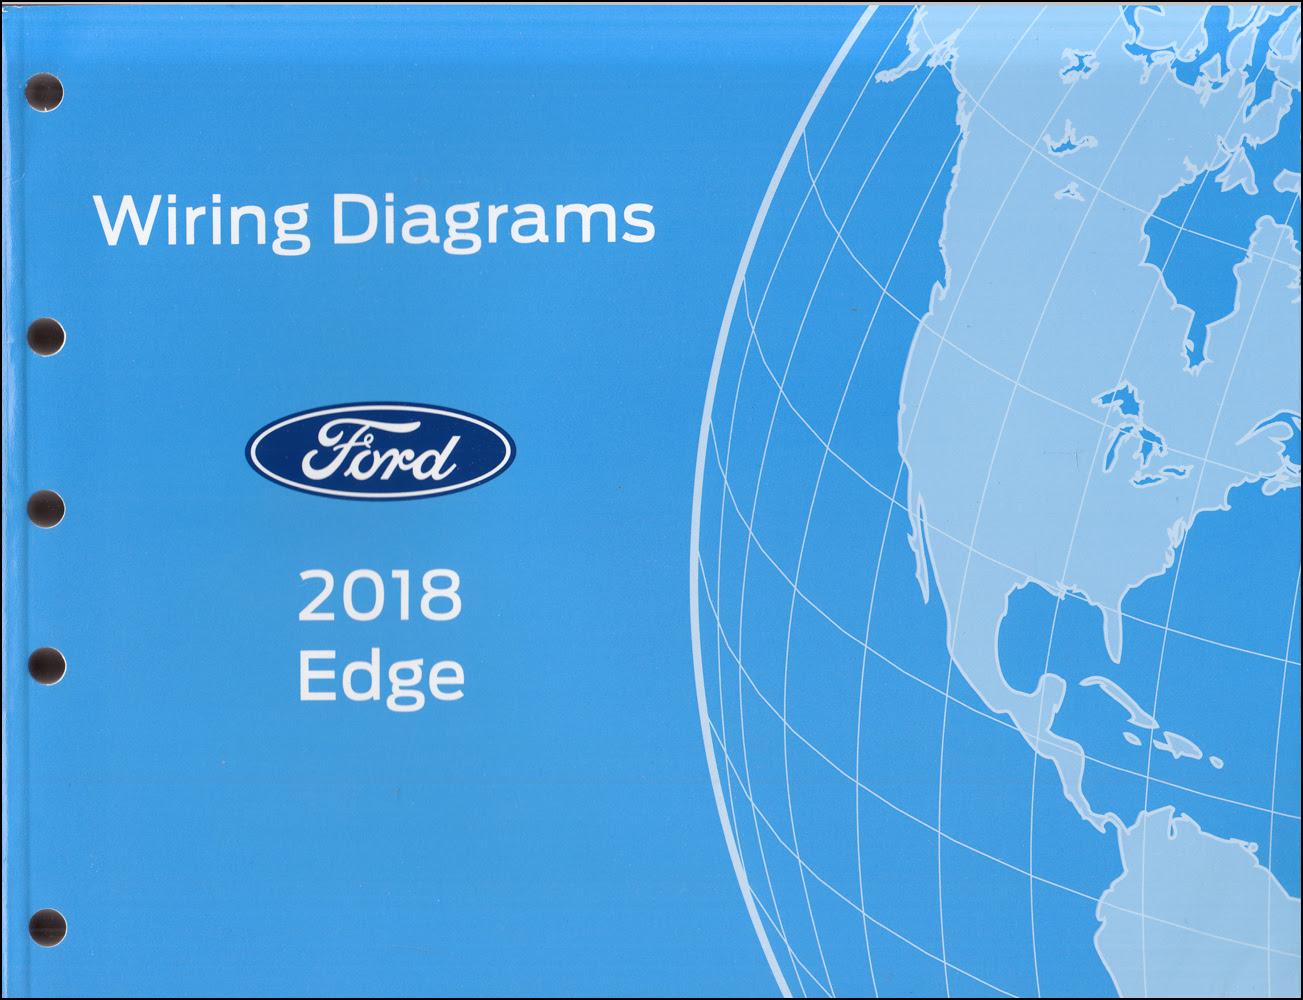 2018 Ford Edge Wiring Diagram Manual Original